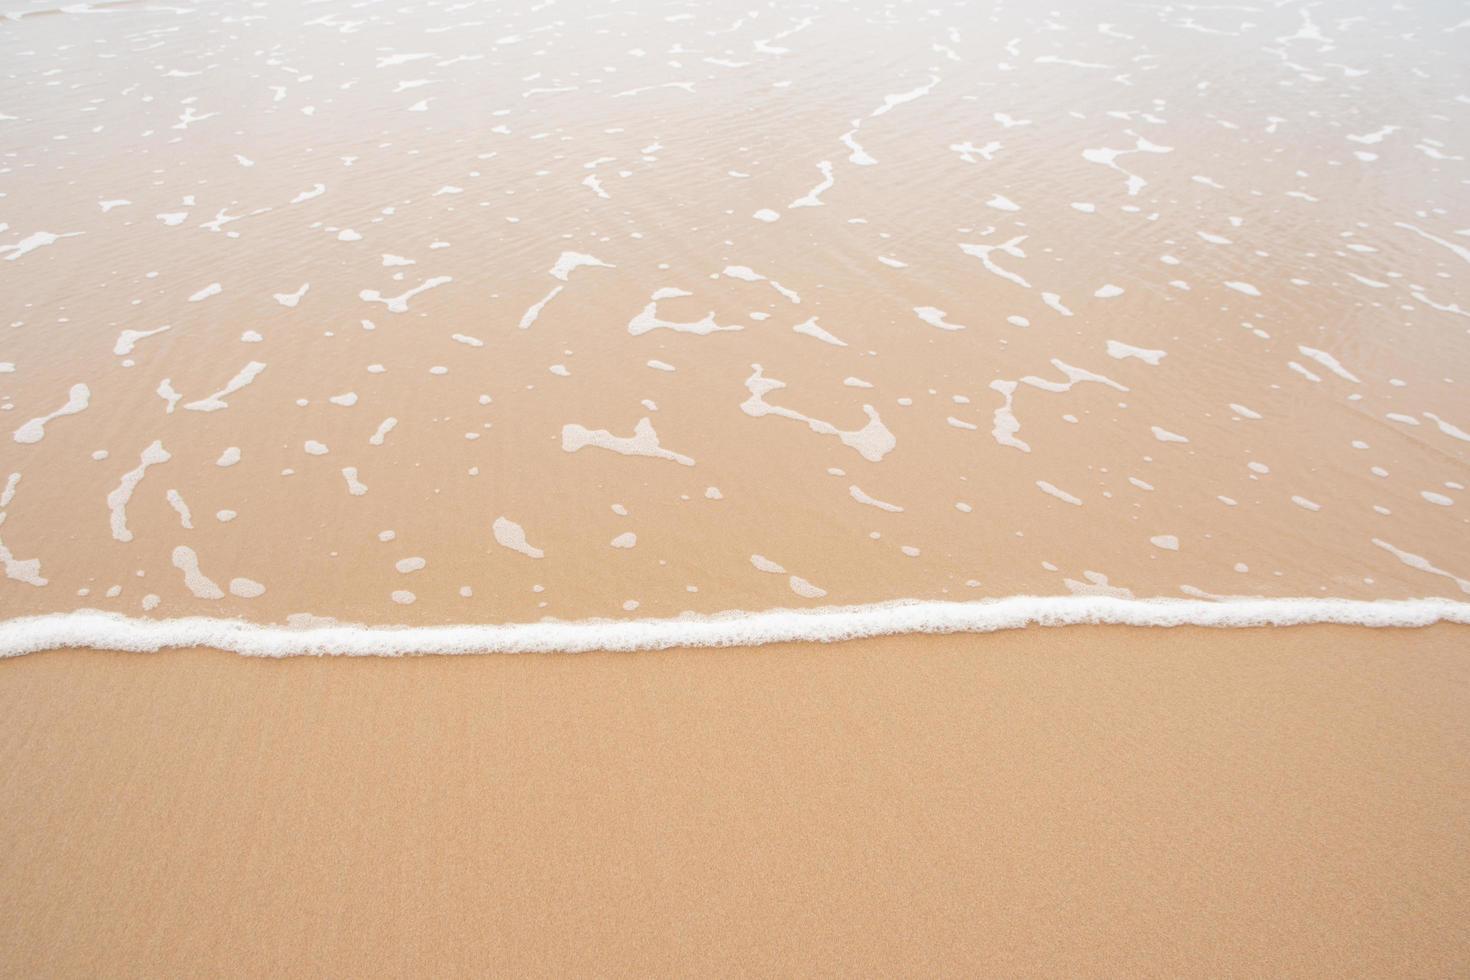 ondas se aproximam da praia foto